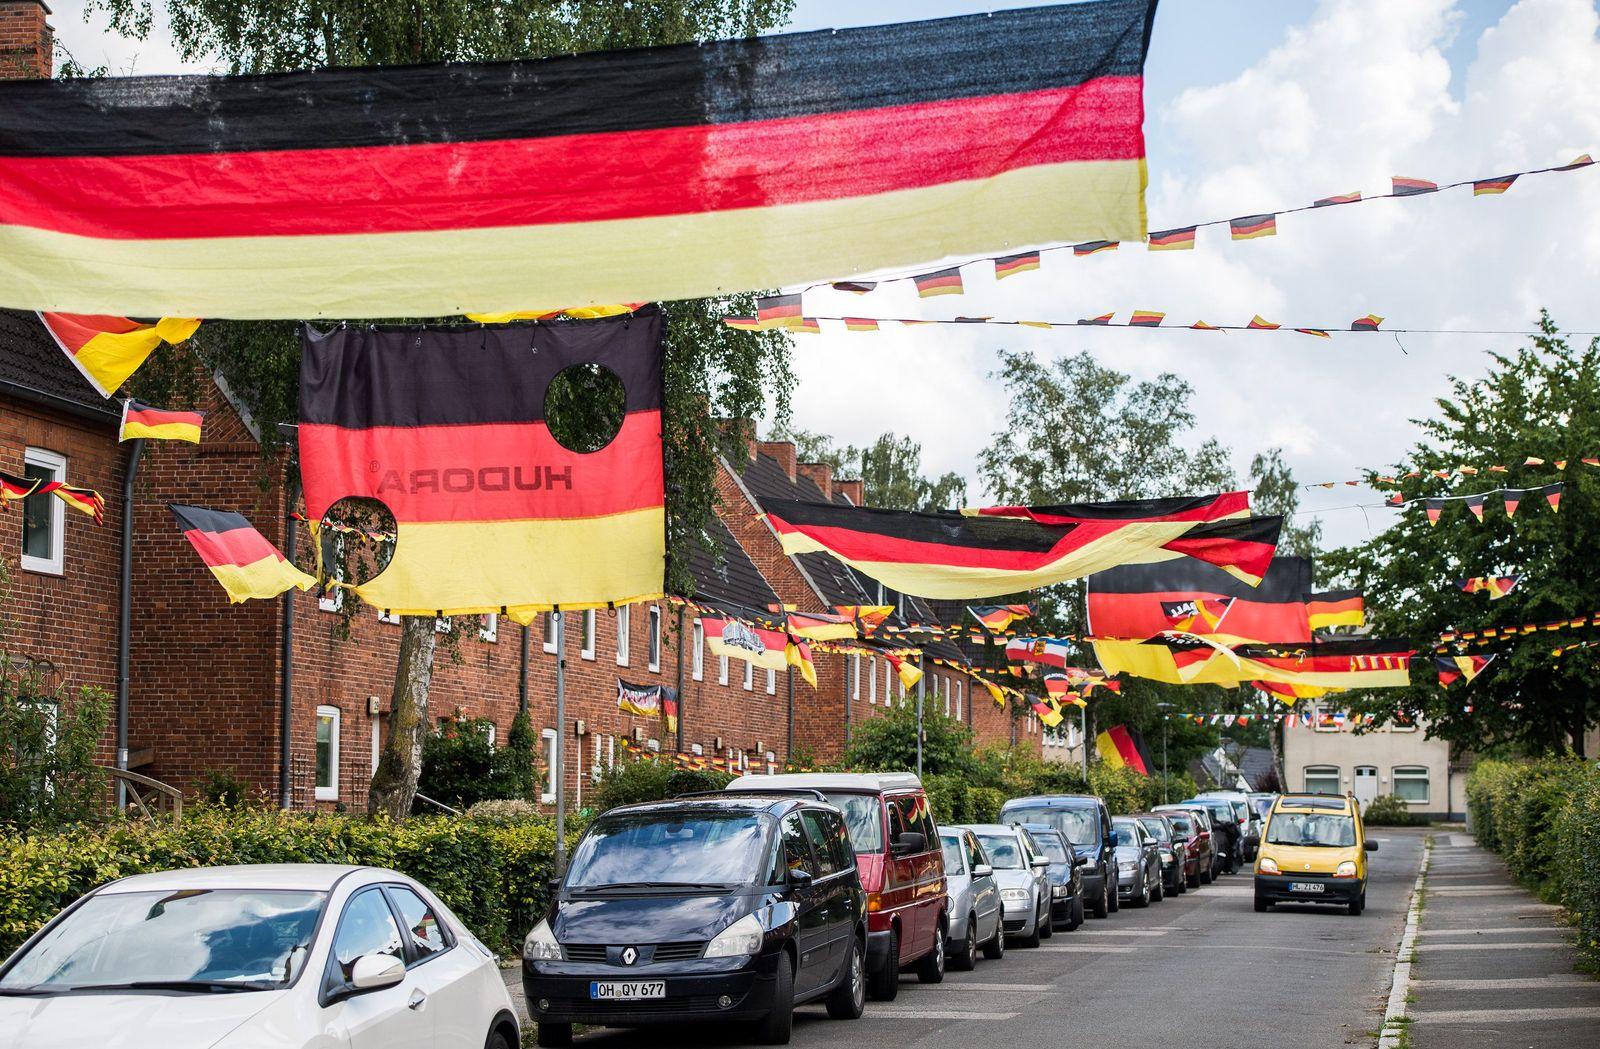 EURO 2016 / Fan-Artikel / Schland-Schrott /Schwarz-rot-goldene Straße in Lübeck